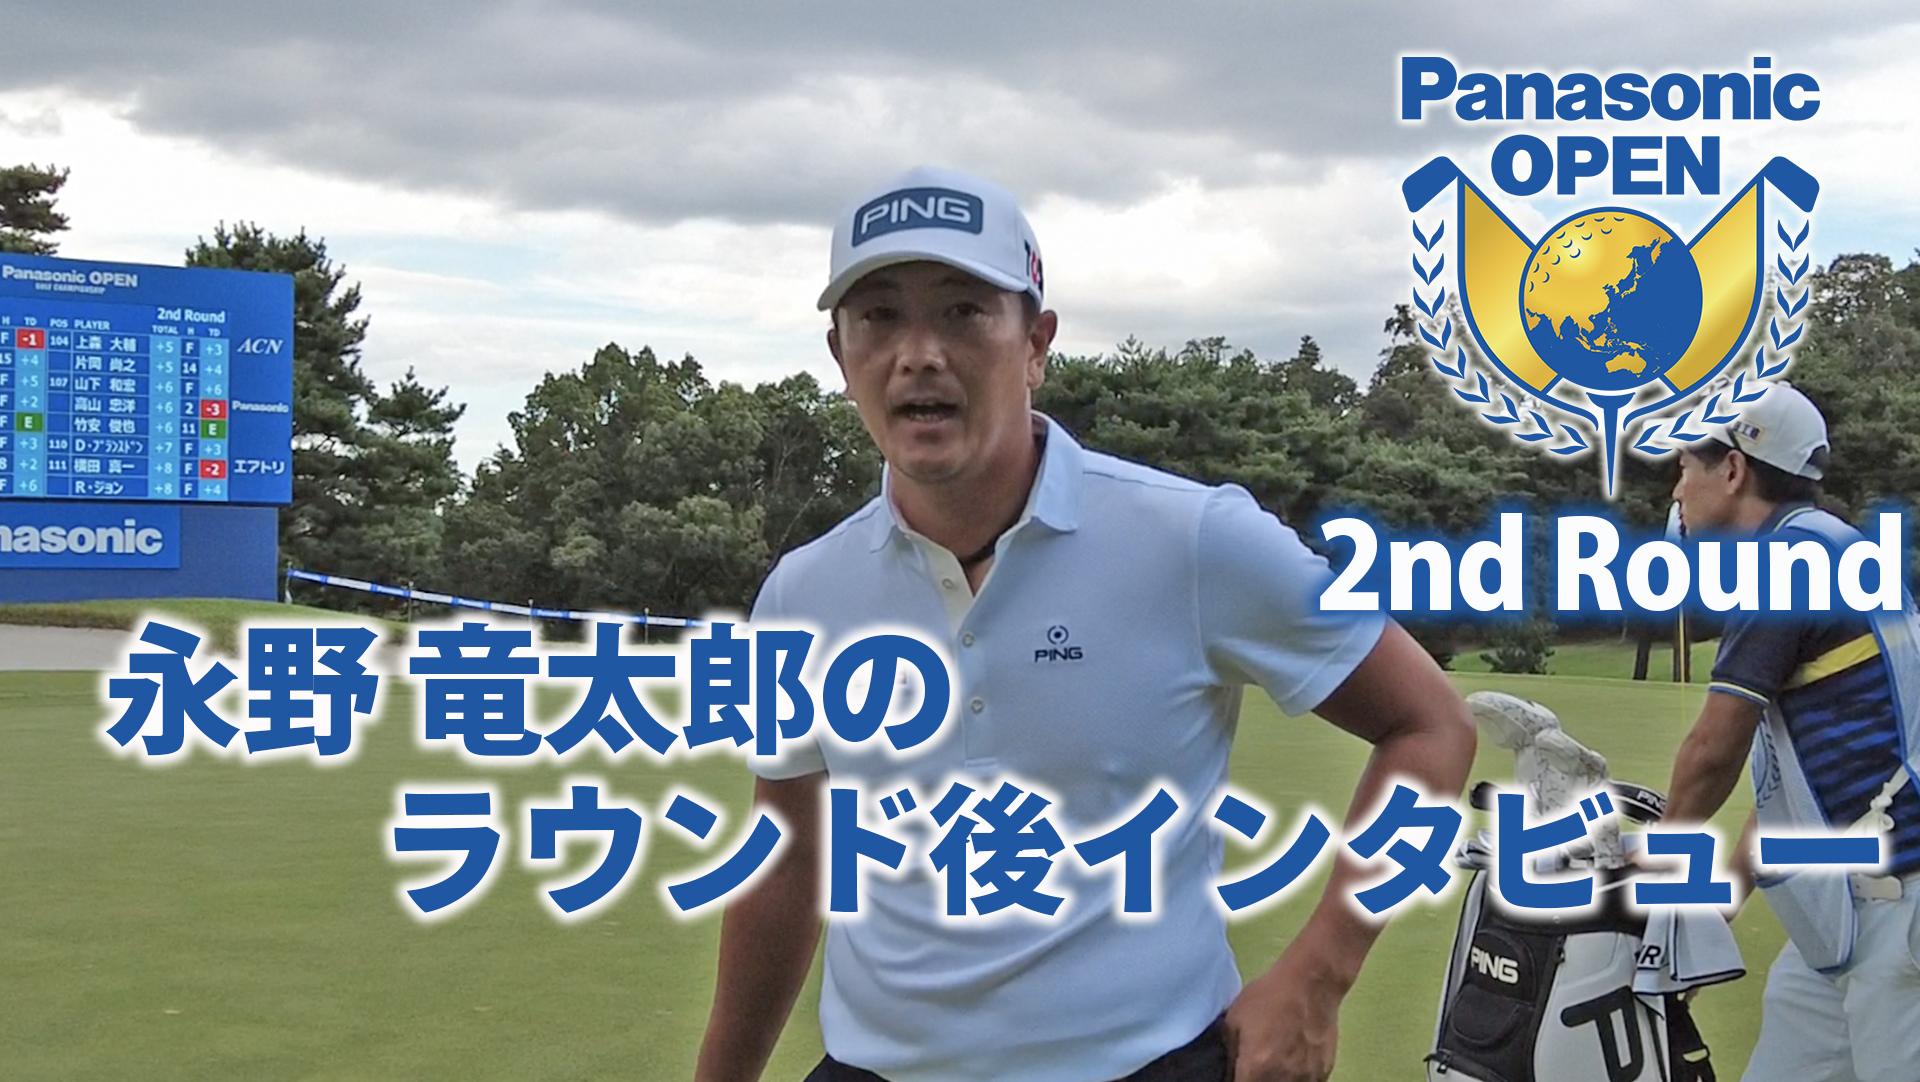 【男子ゴルフ】永野竜太郎が通算11アンダーで単独首位に!パナソニックオープン ゴルフチャンピオンシップ 2nd Round